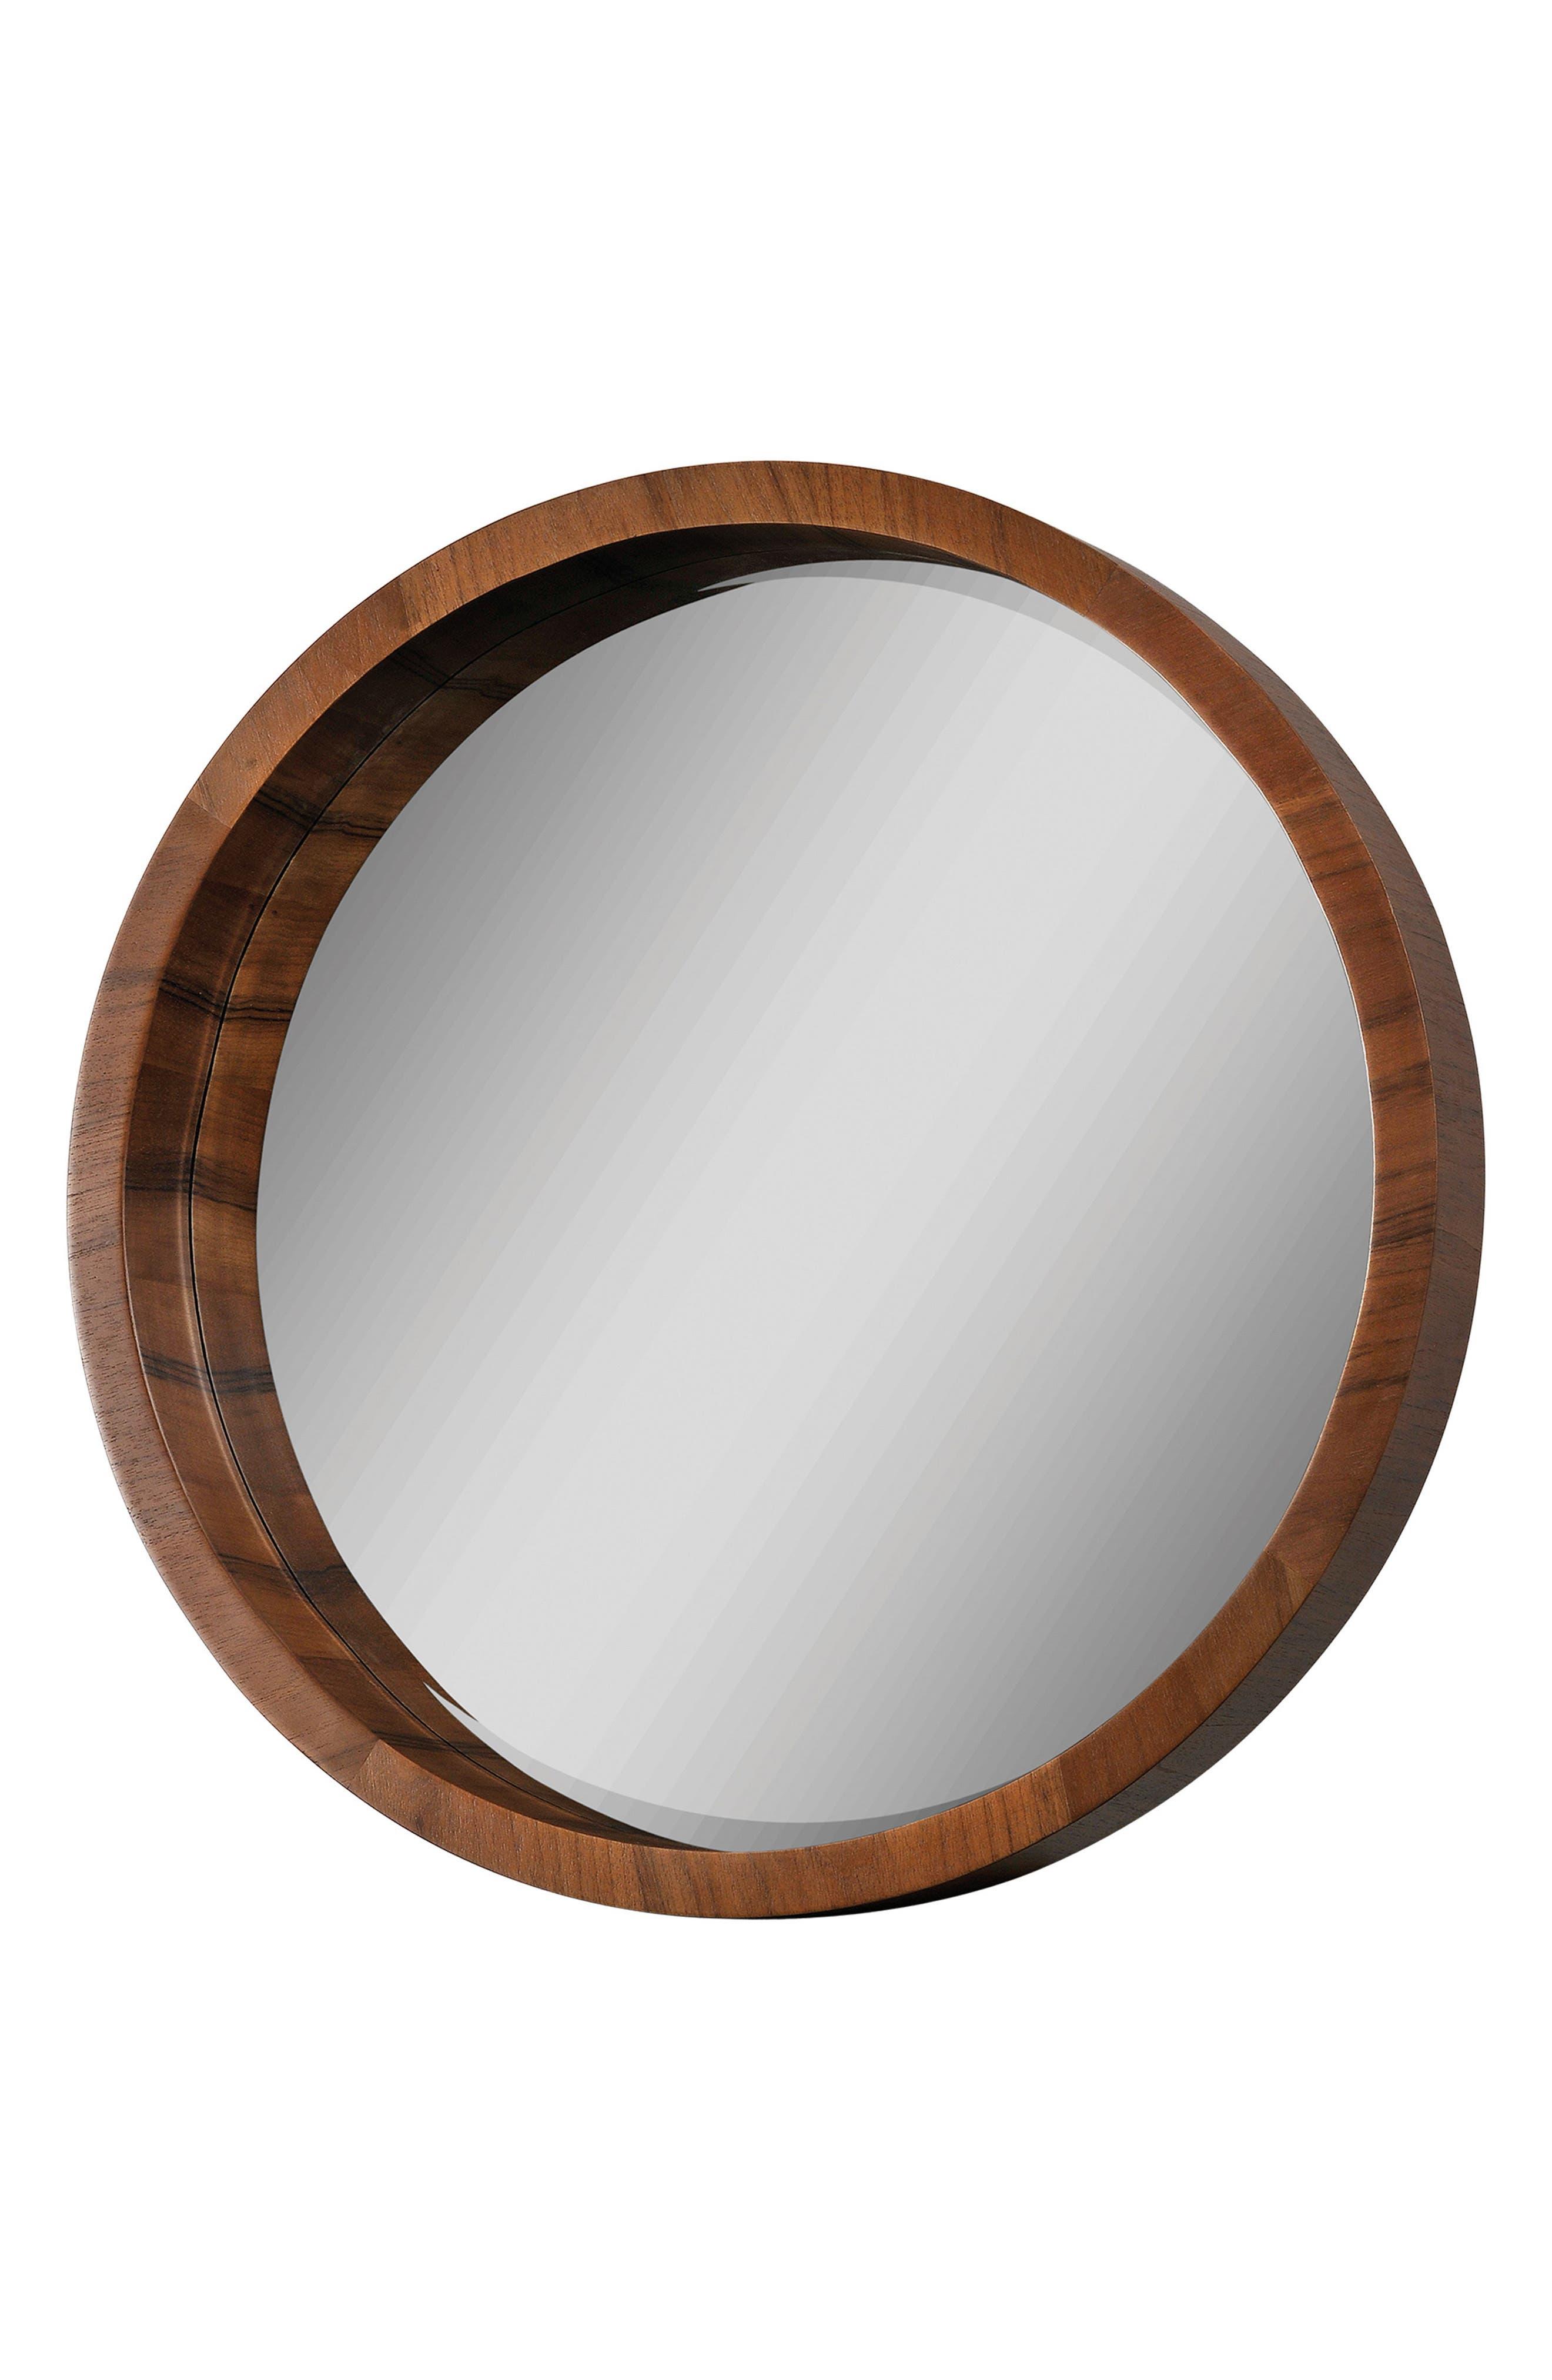 Alternate Image 1 Selected - Renwil Brynjar Mirror